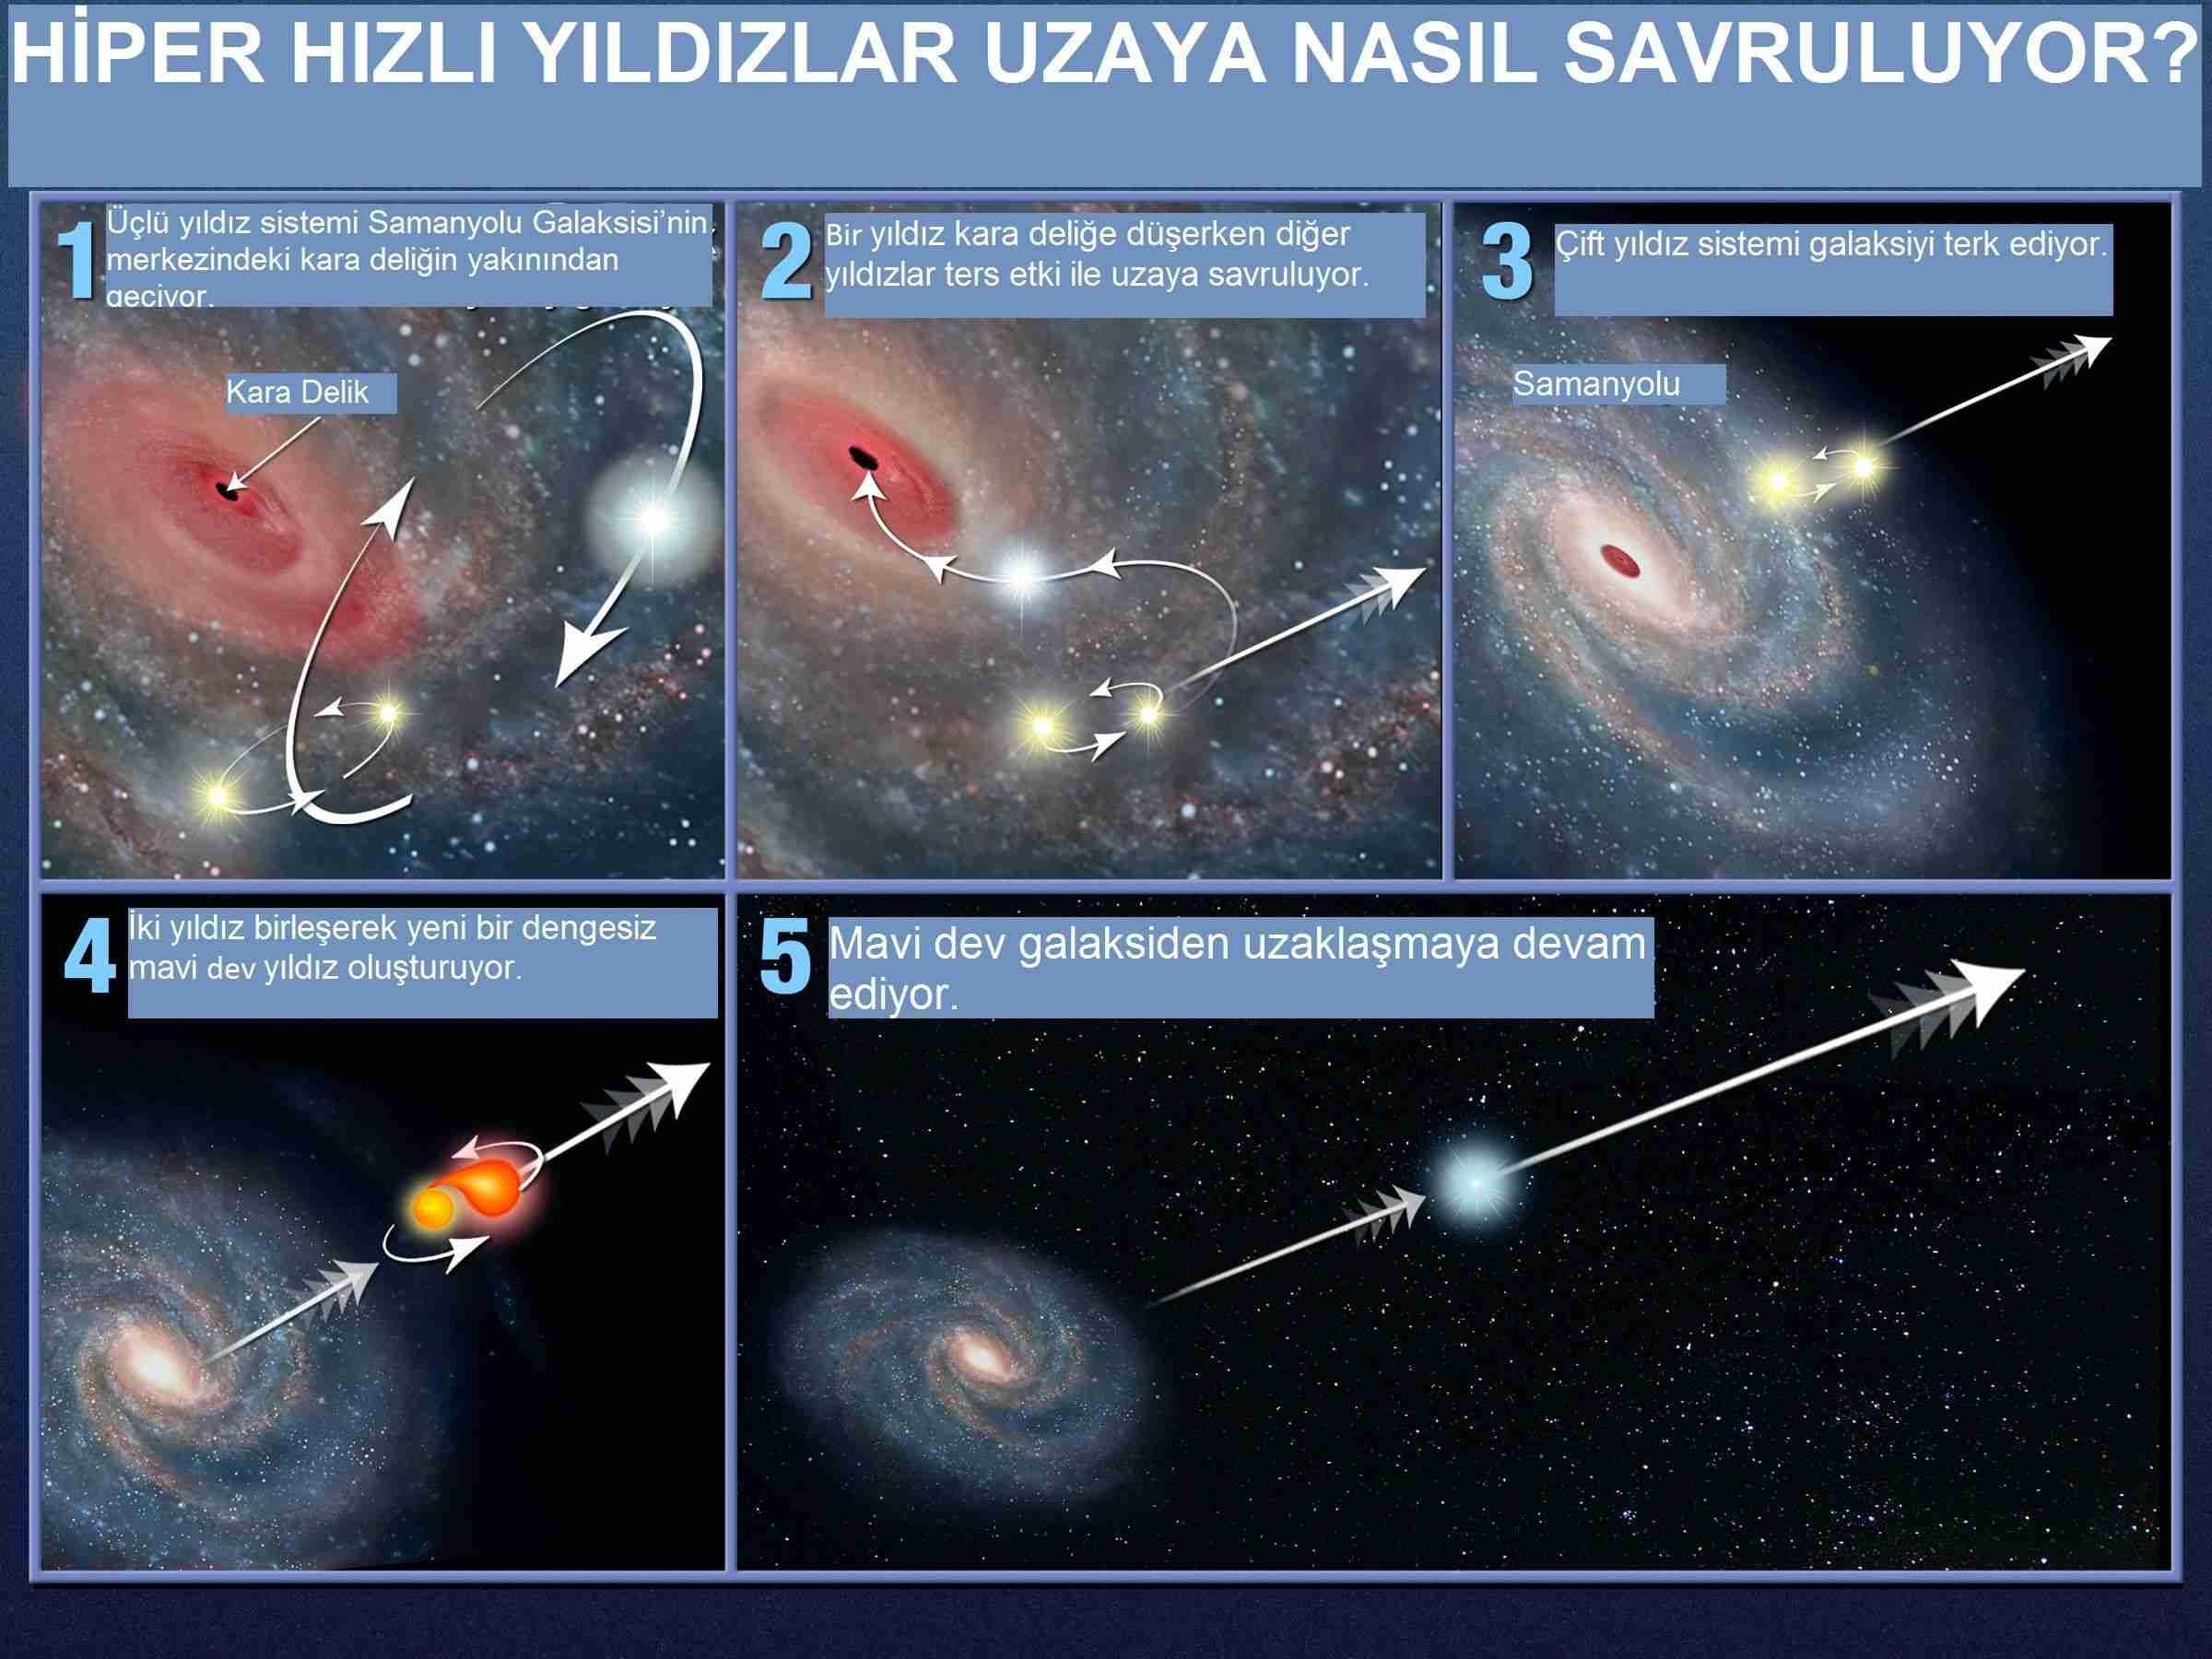 Uzaya-yıldız-fırlatmanın-en-ilginç-3-yolu